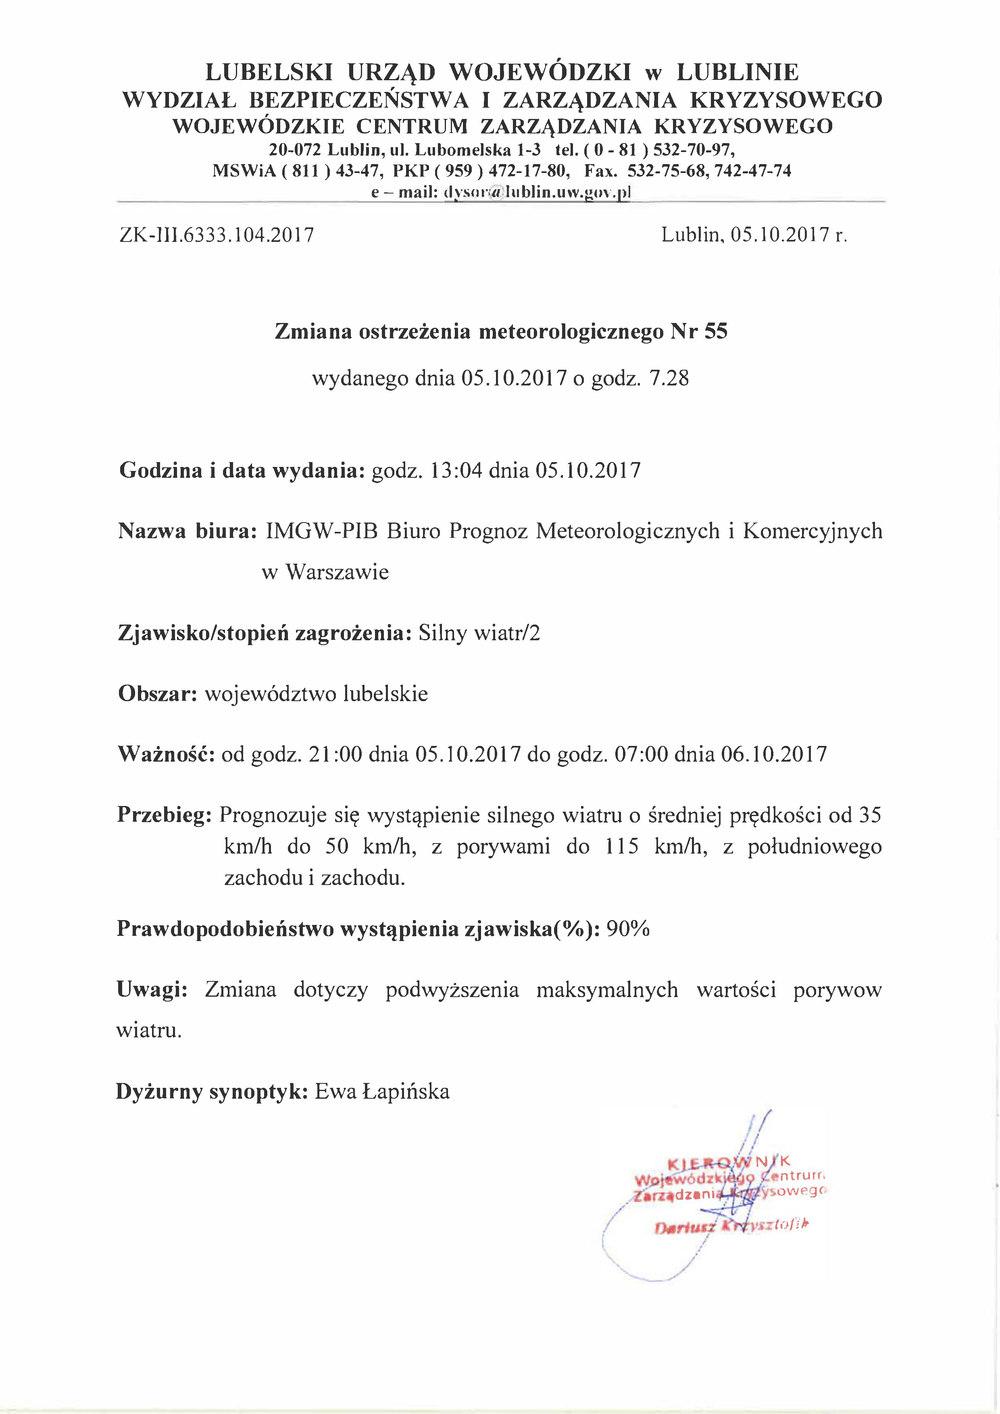 Zmiana ostrzeżenia meteorologicznego Nr 55 wydanego dnia 05.10.2017 o godz. 7.28